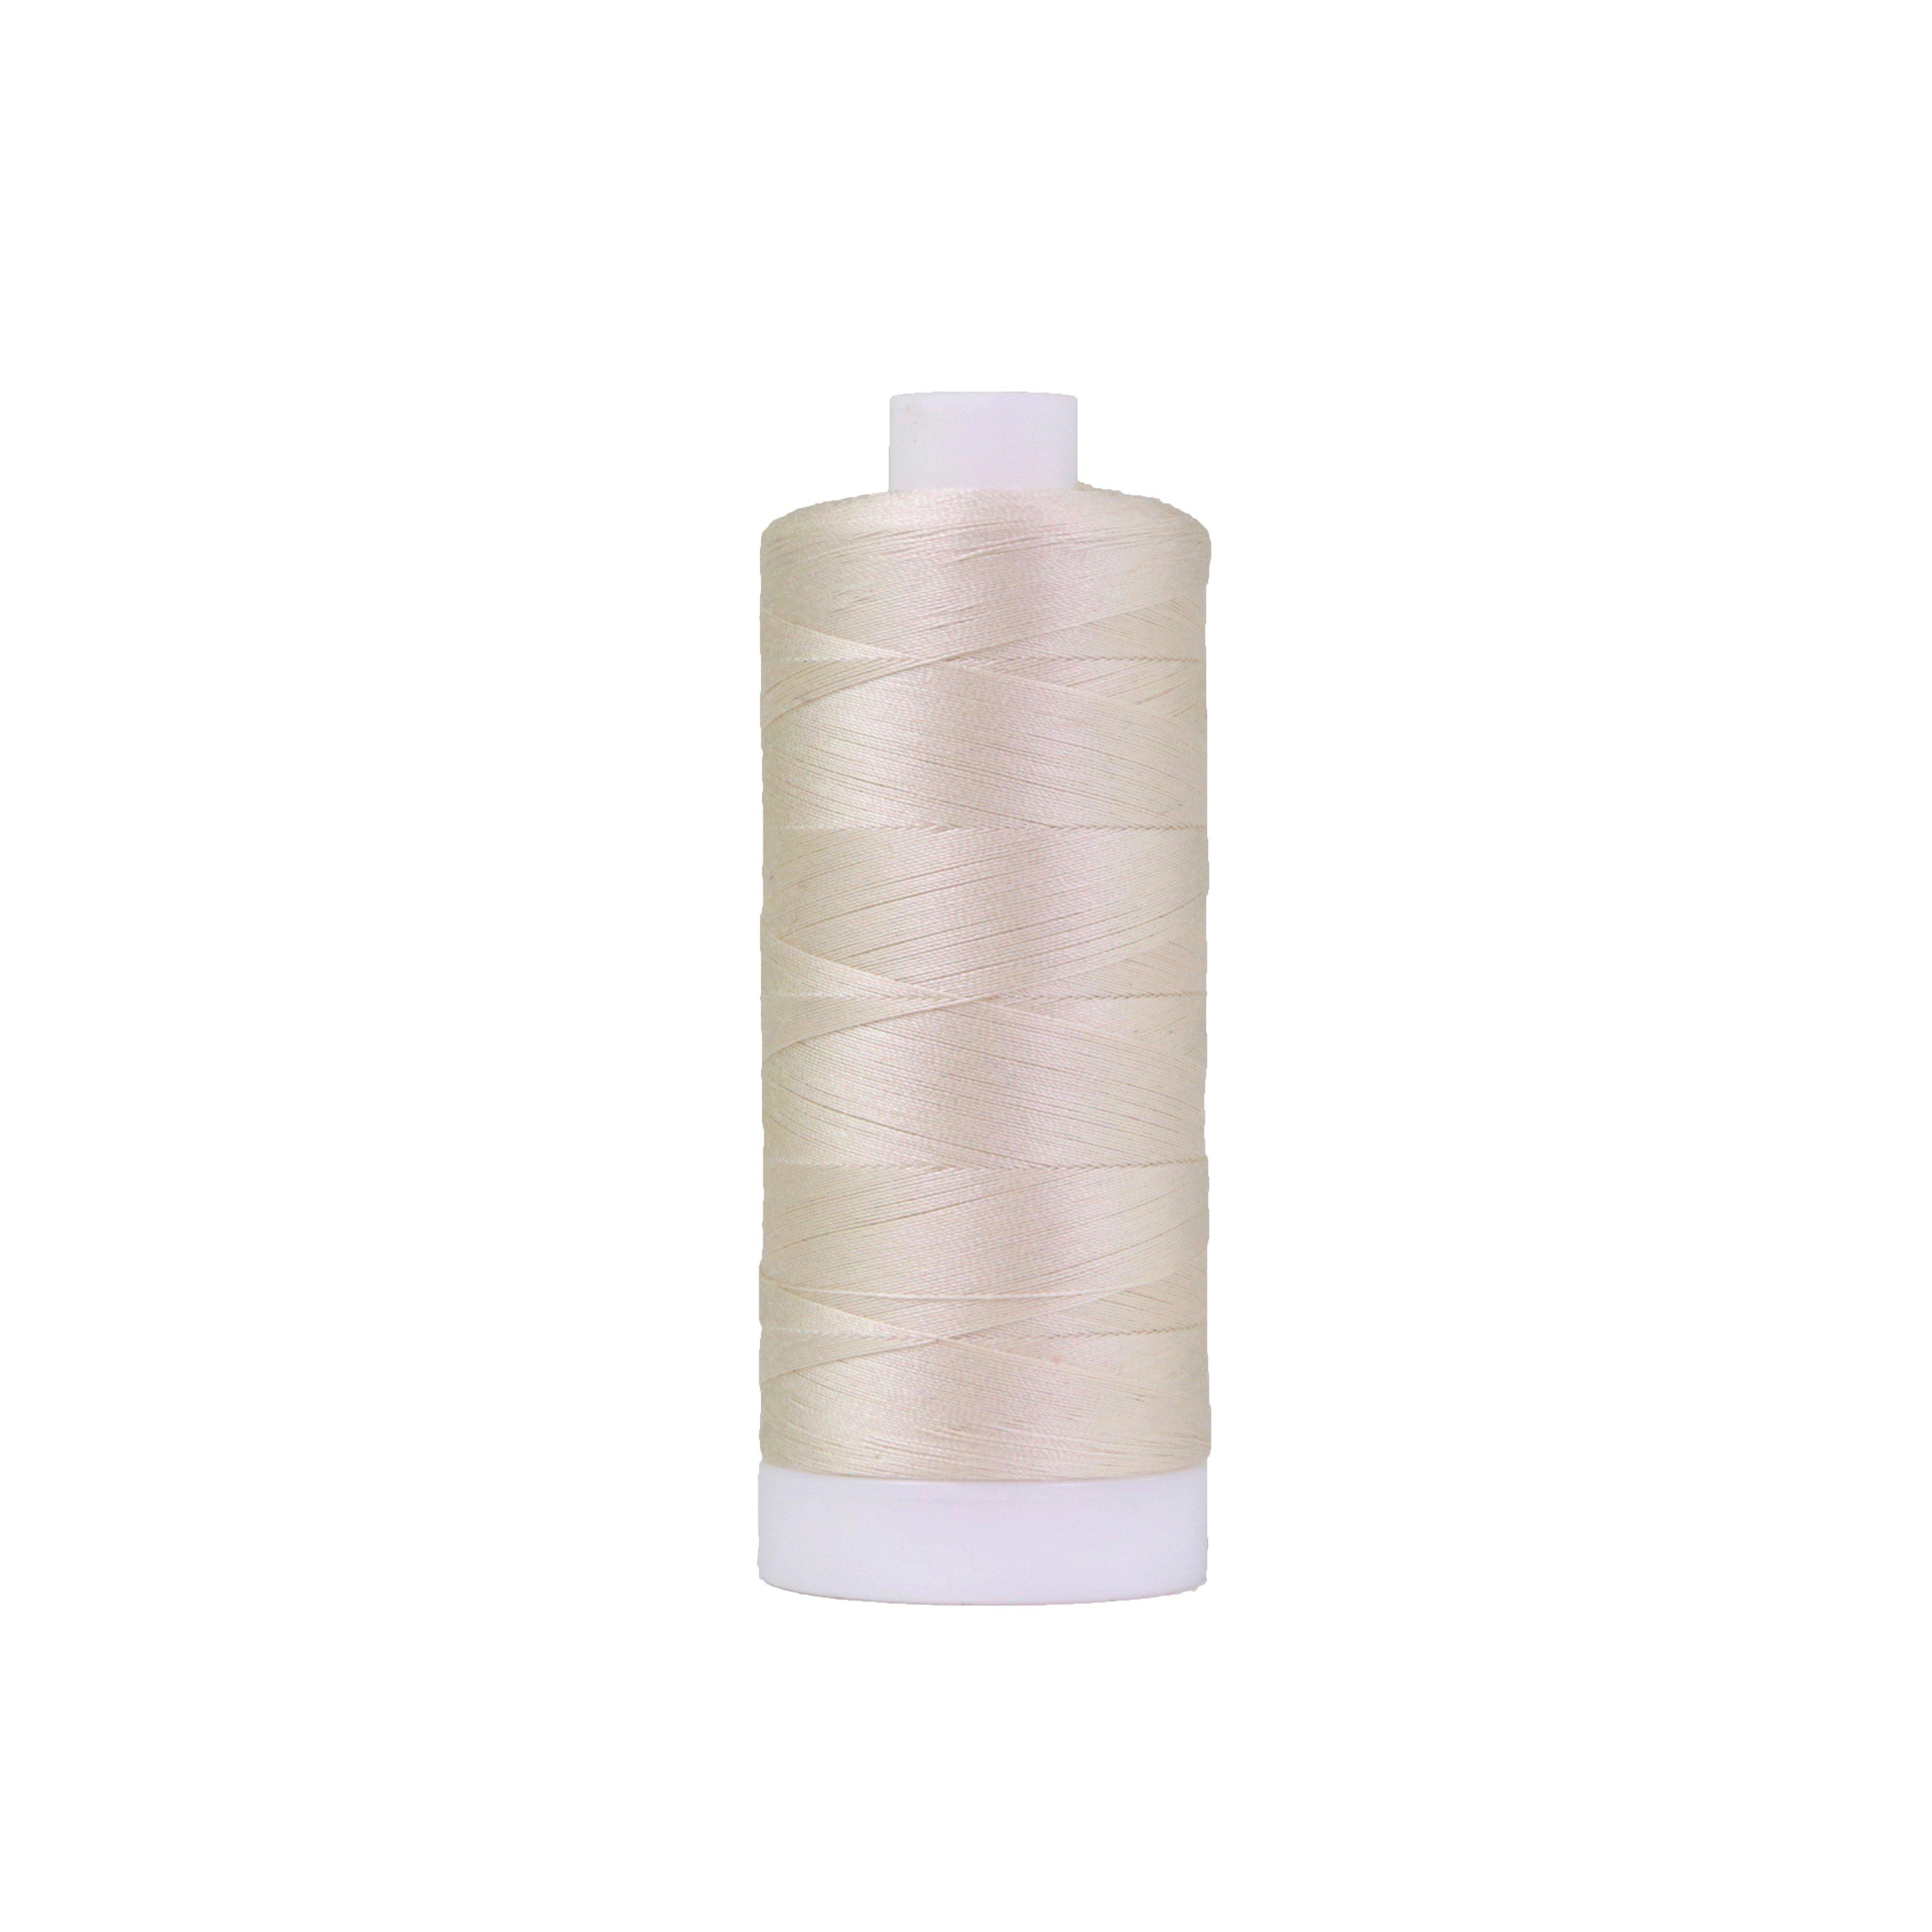 Pima Cotton Thread 50 wt Off White